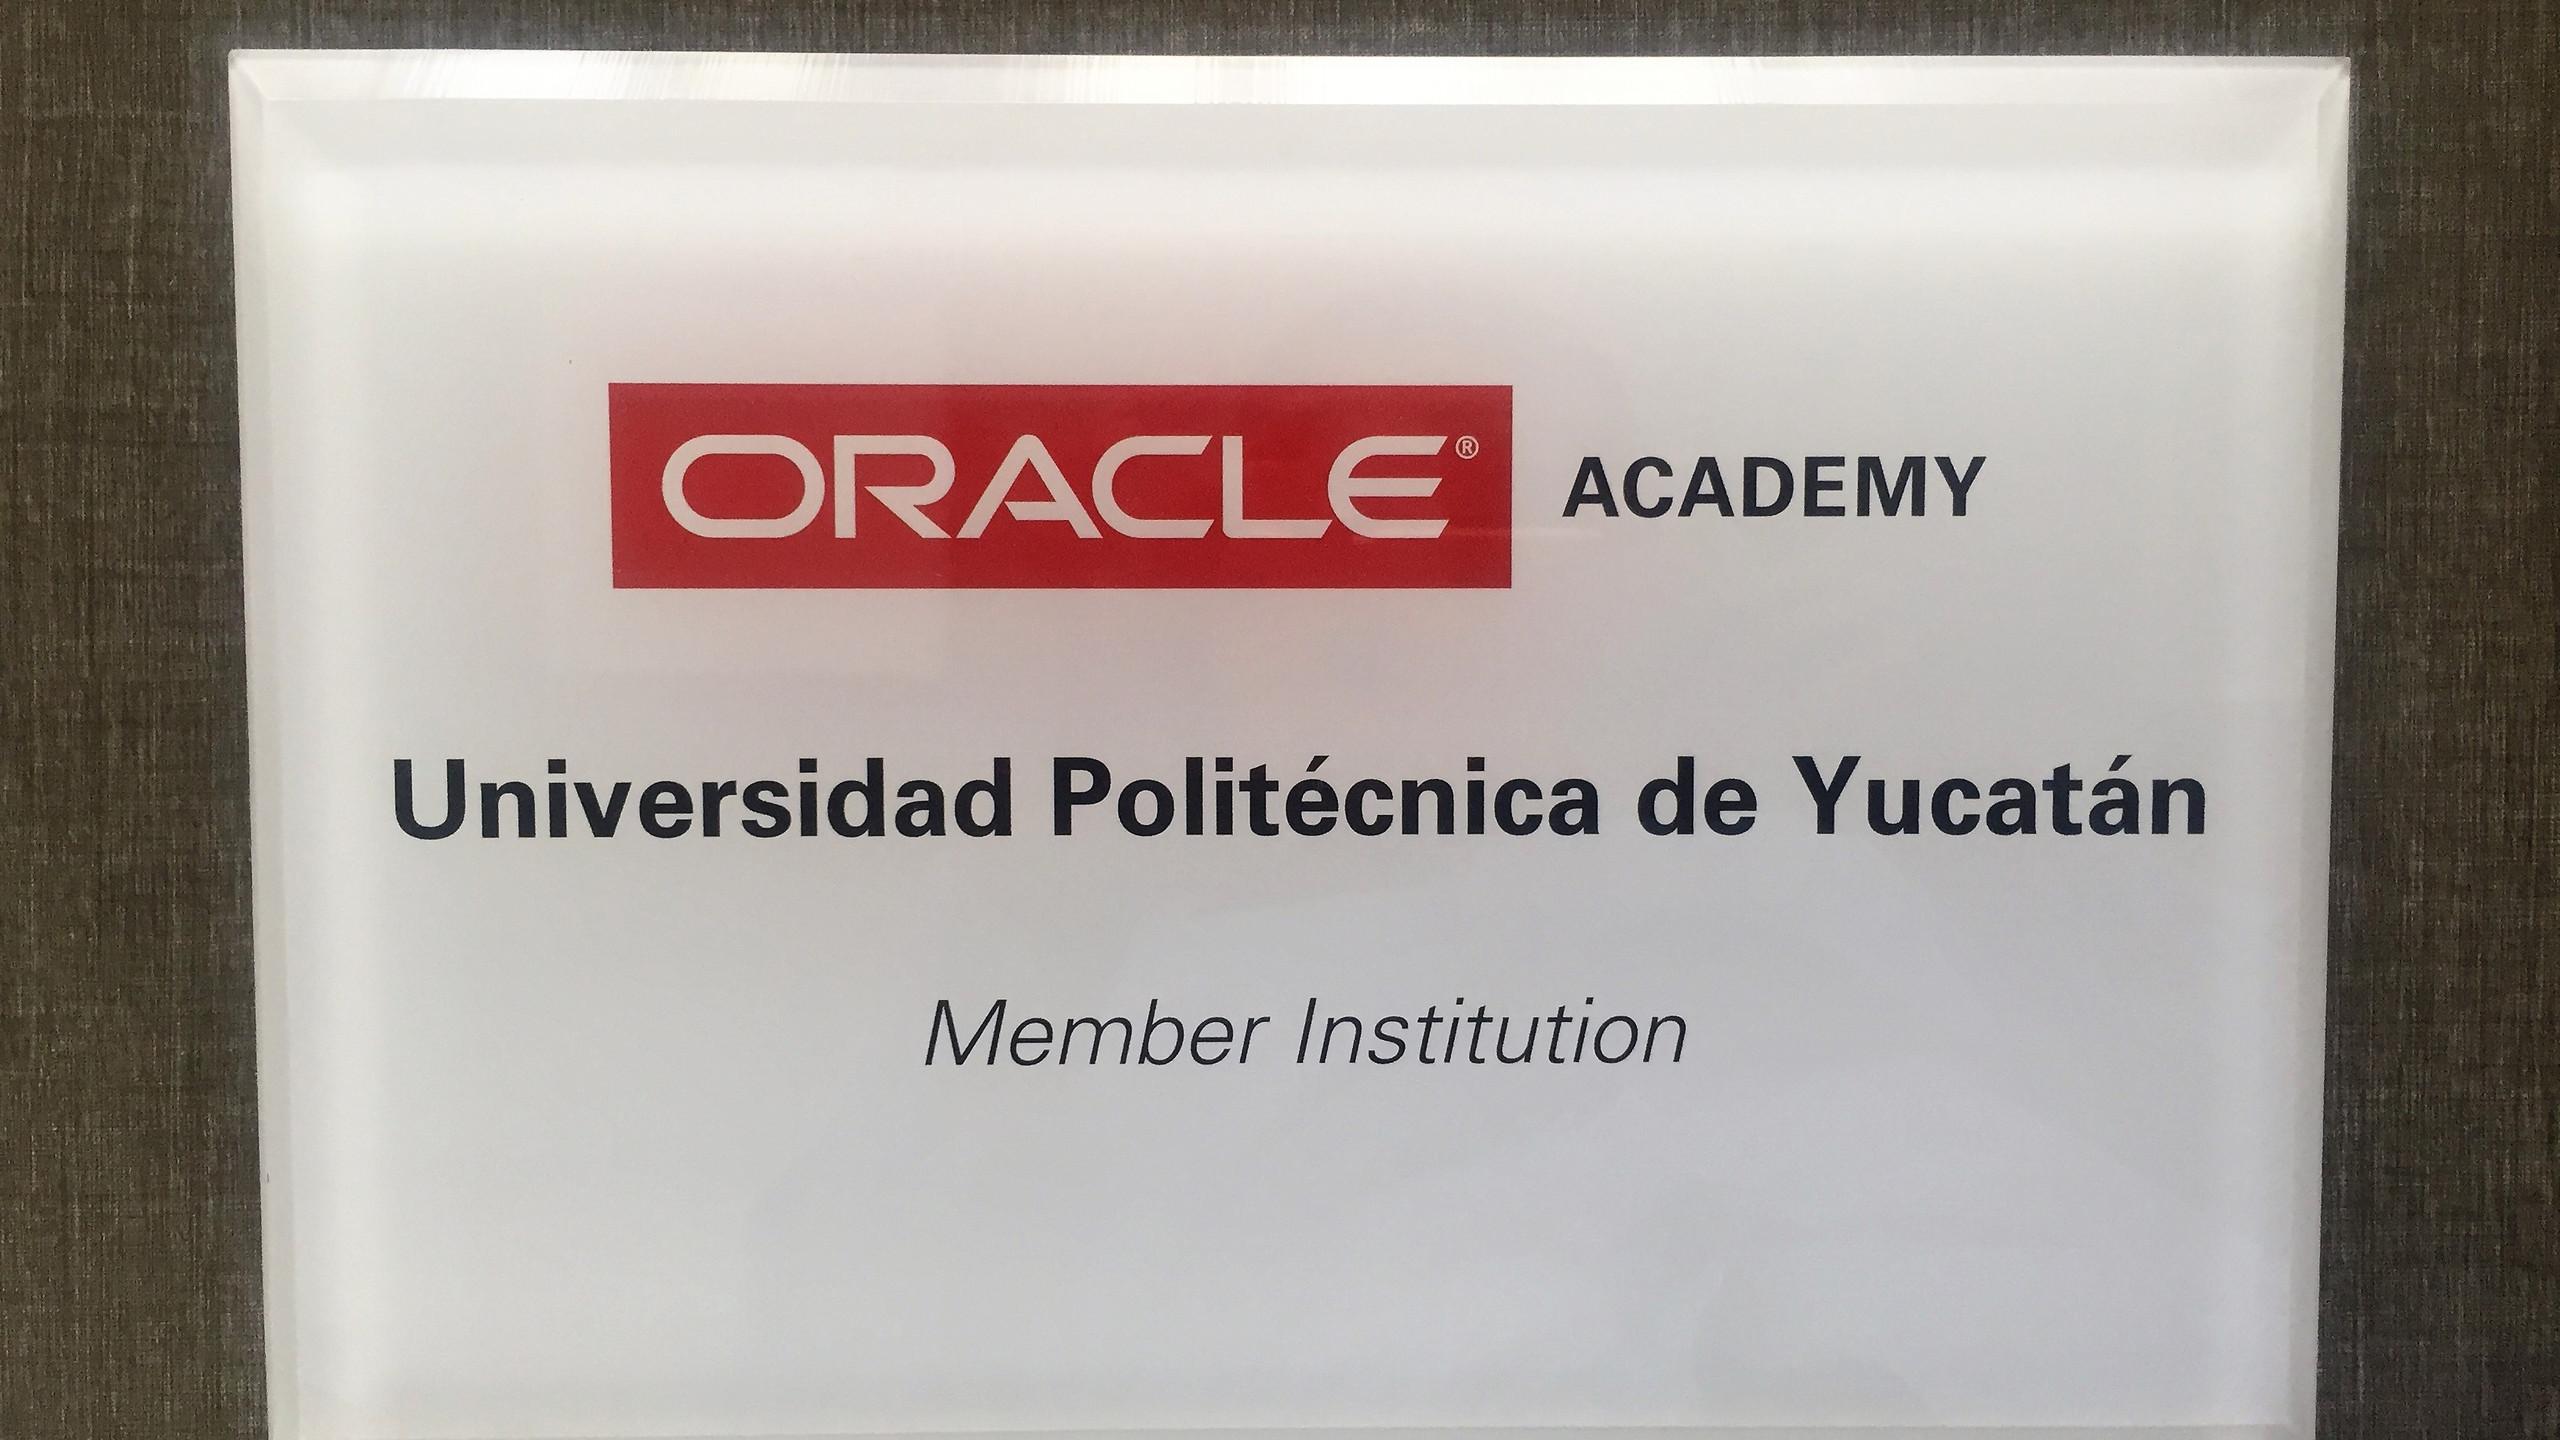 Oracle Academy Member